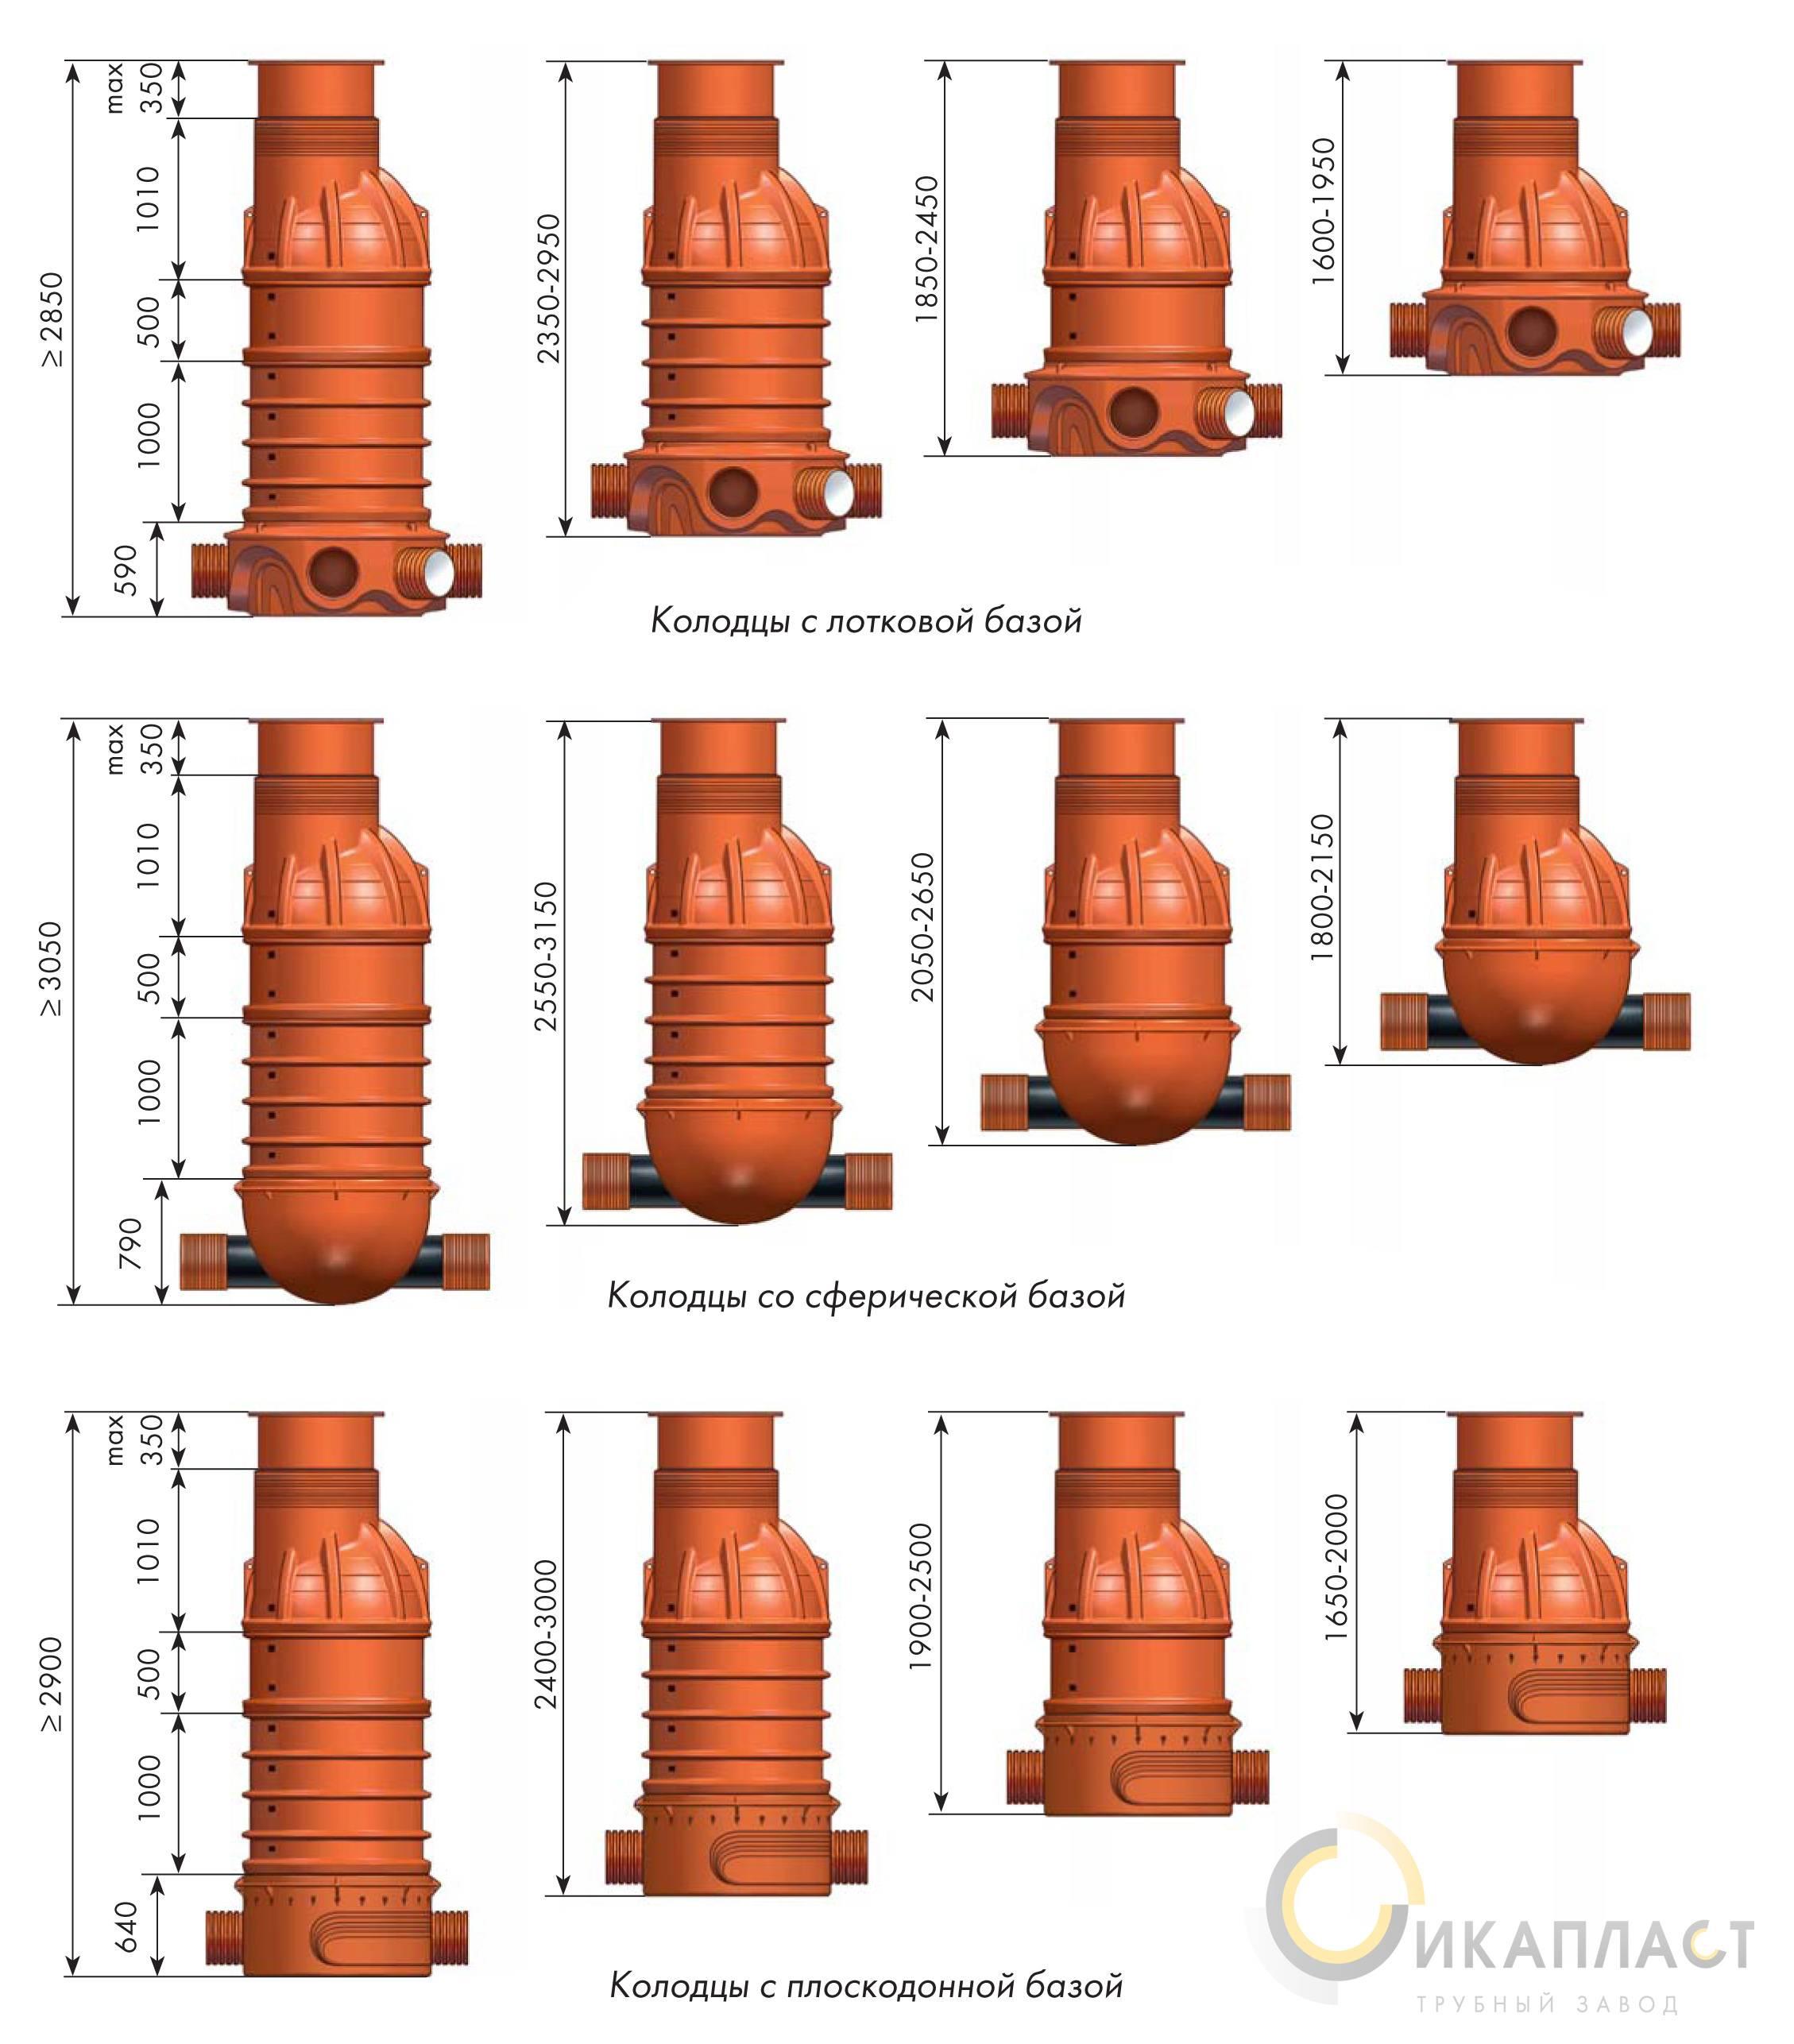 Пластиковые колодцы: обзор изделий для систем канализации и водопровода